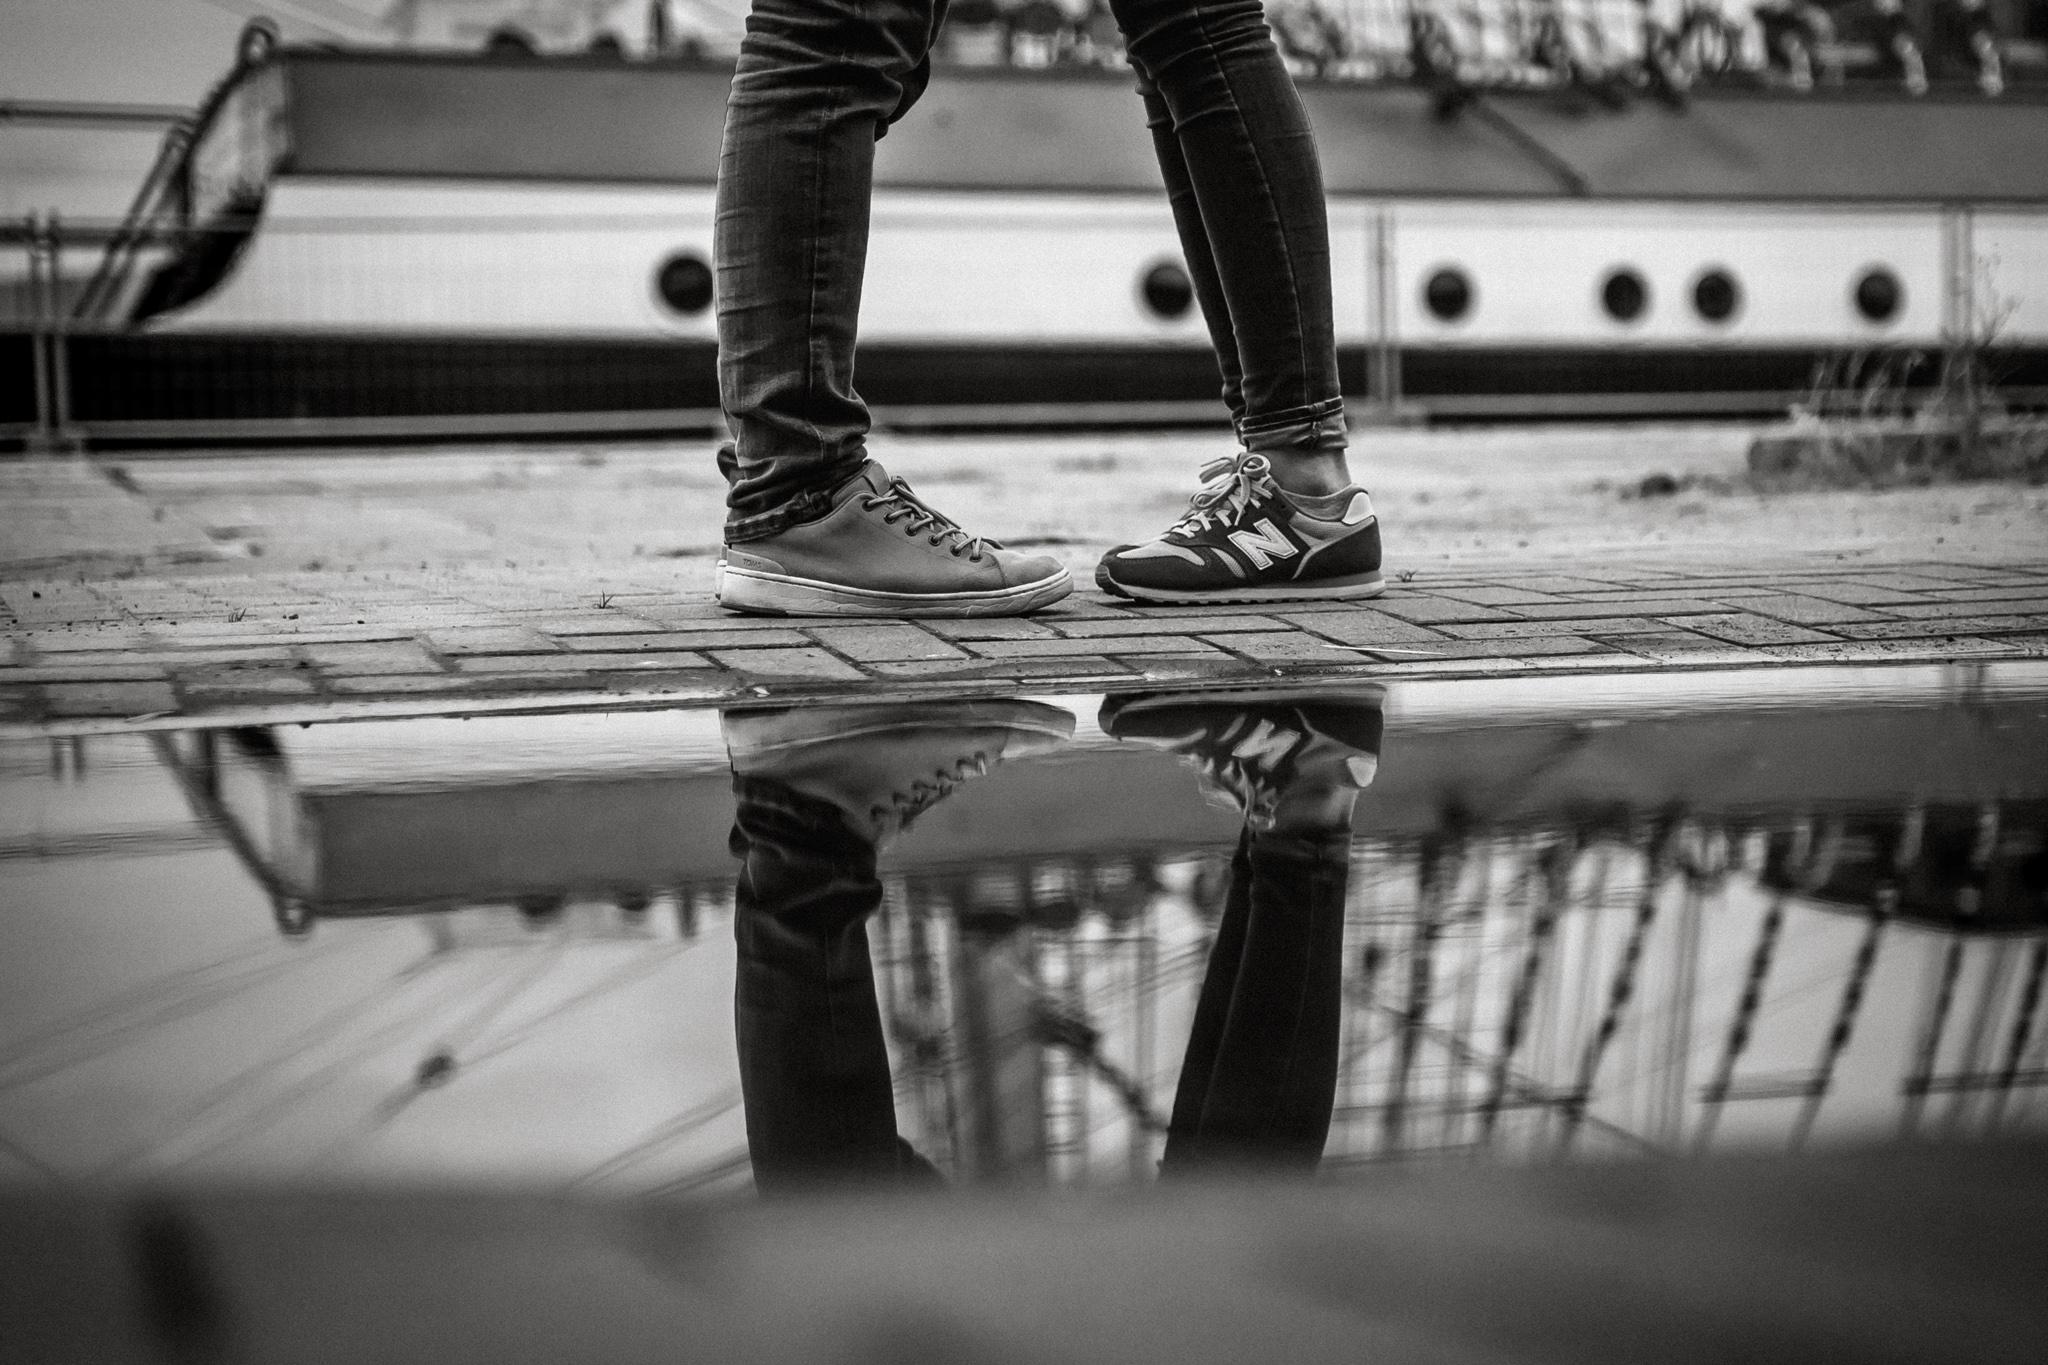 Hochzeitsfotograf, Sven Schomburg Hochzeitsfotografie, Coupleshooting, Brautpaar, Hochzeitspaar, Hamburg, Peking, Hafenmuseum Hamburg, Hochzeitstag, wahre Momente-44